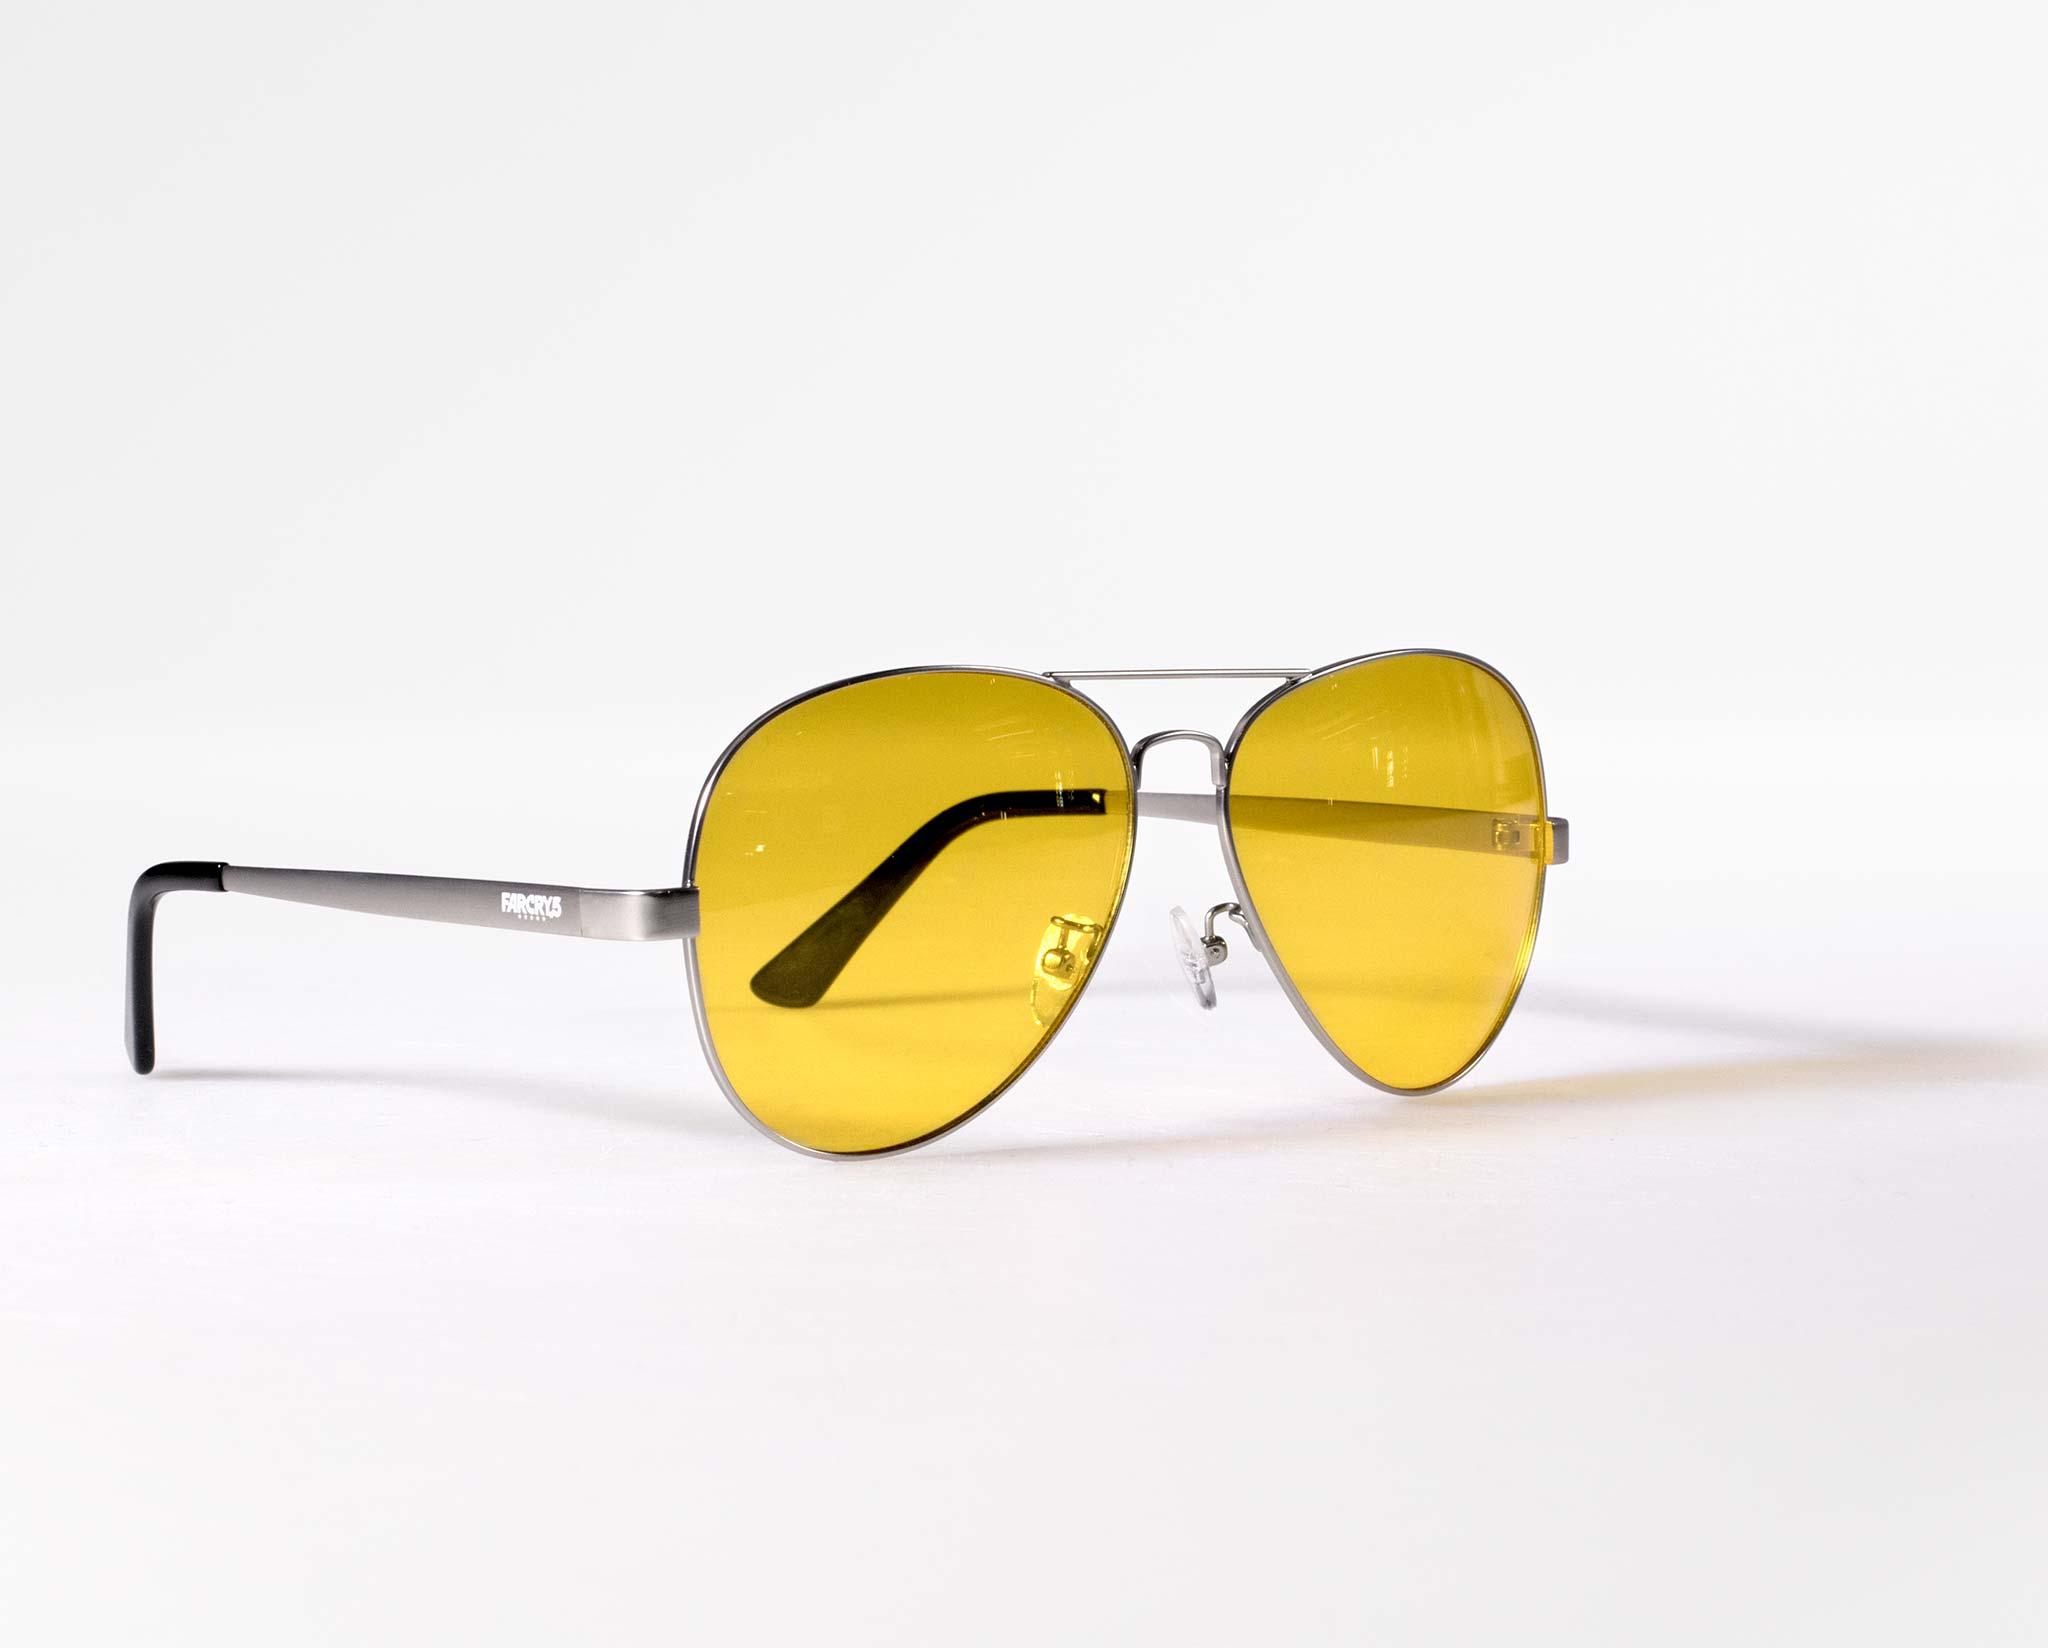 82e36fccb4d7 Far Cry 5 - Replica Joseph Sunglasses